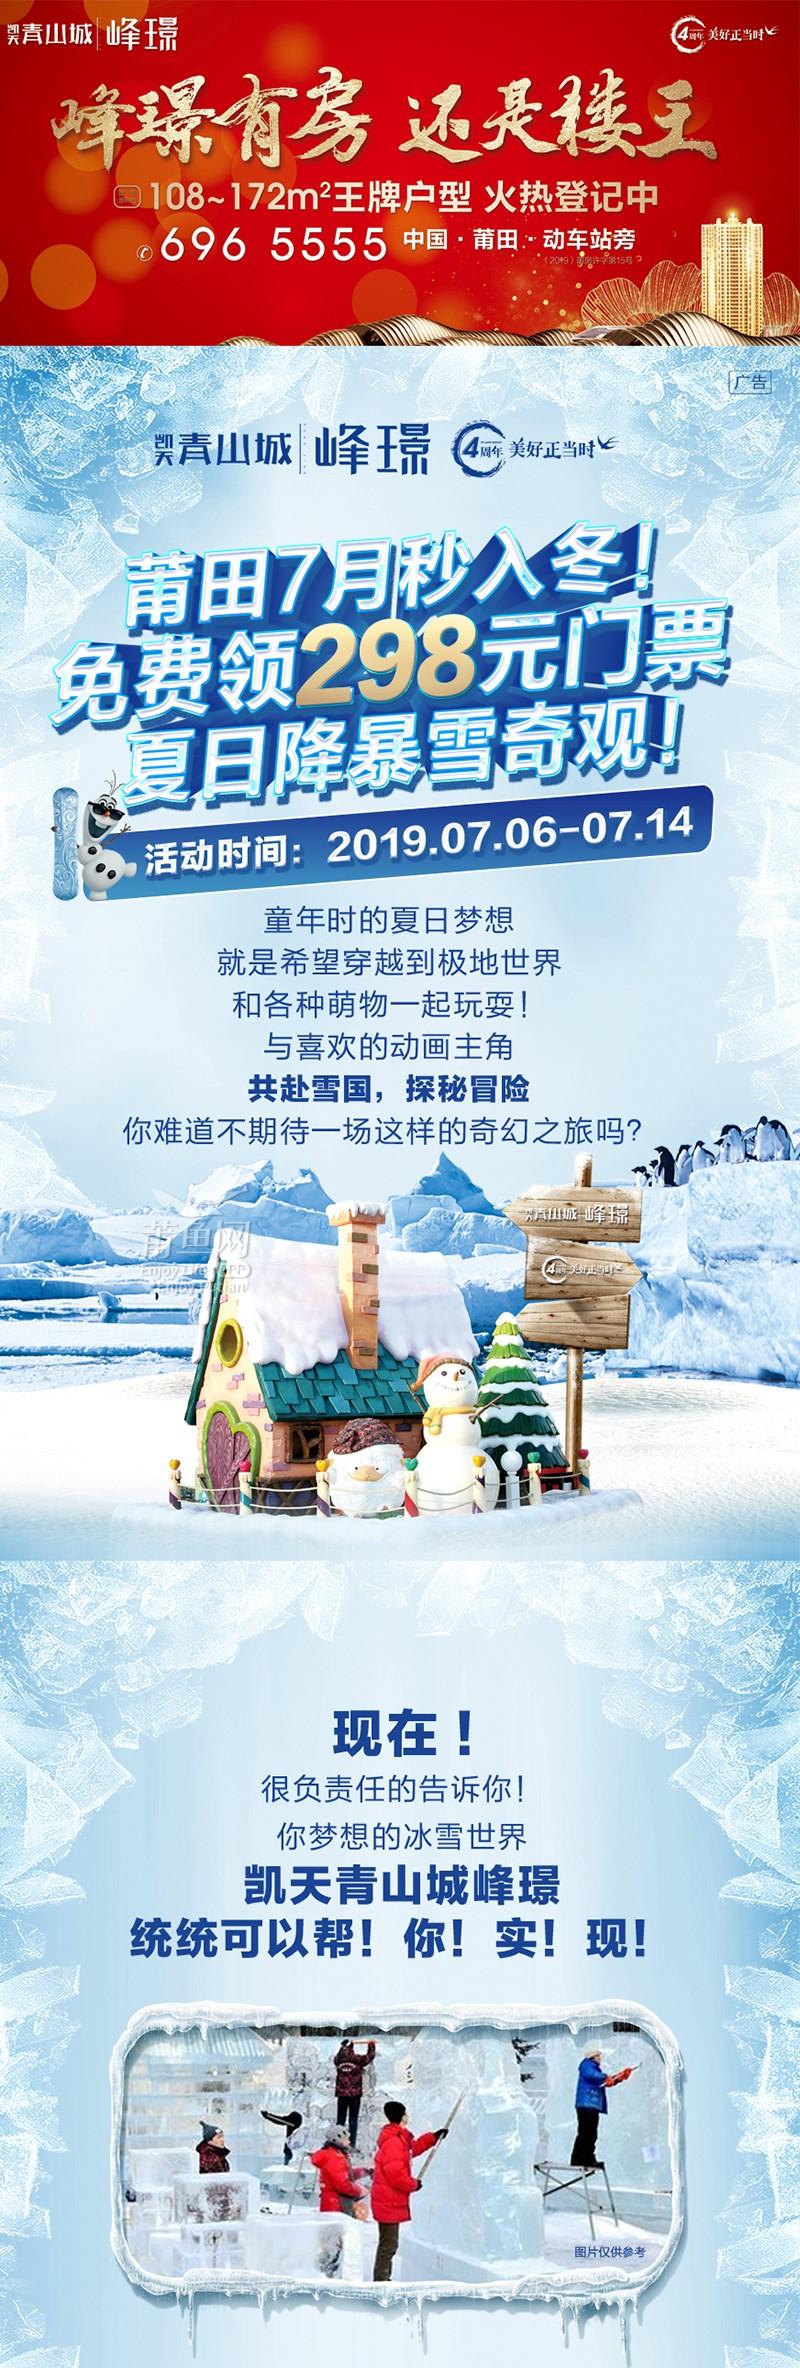 20190618-冰雪节转发3-微信拉页_01_01.jpg